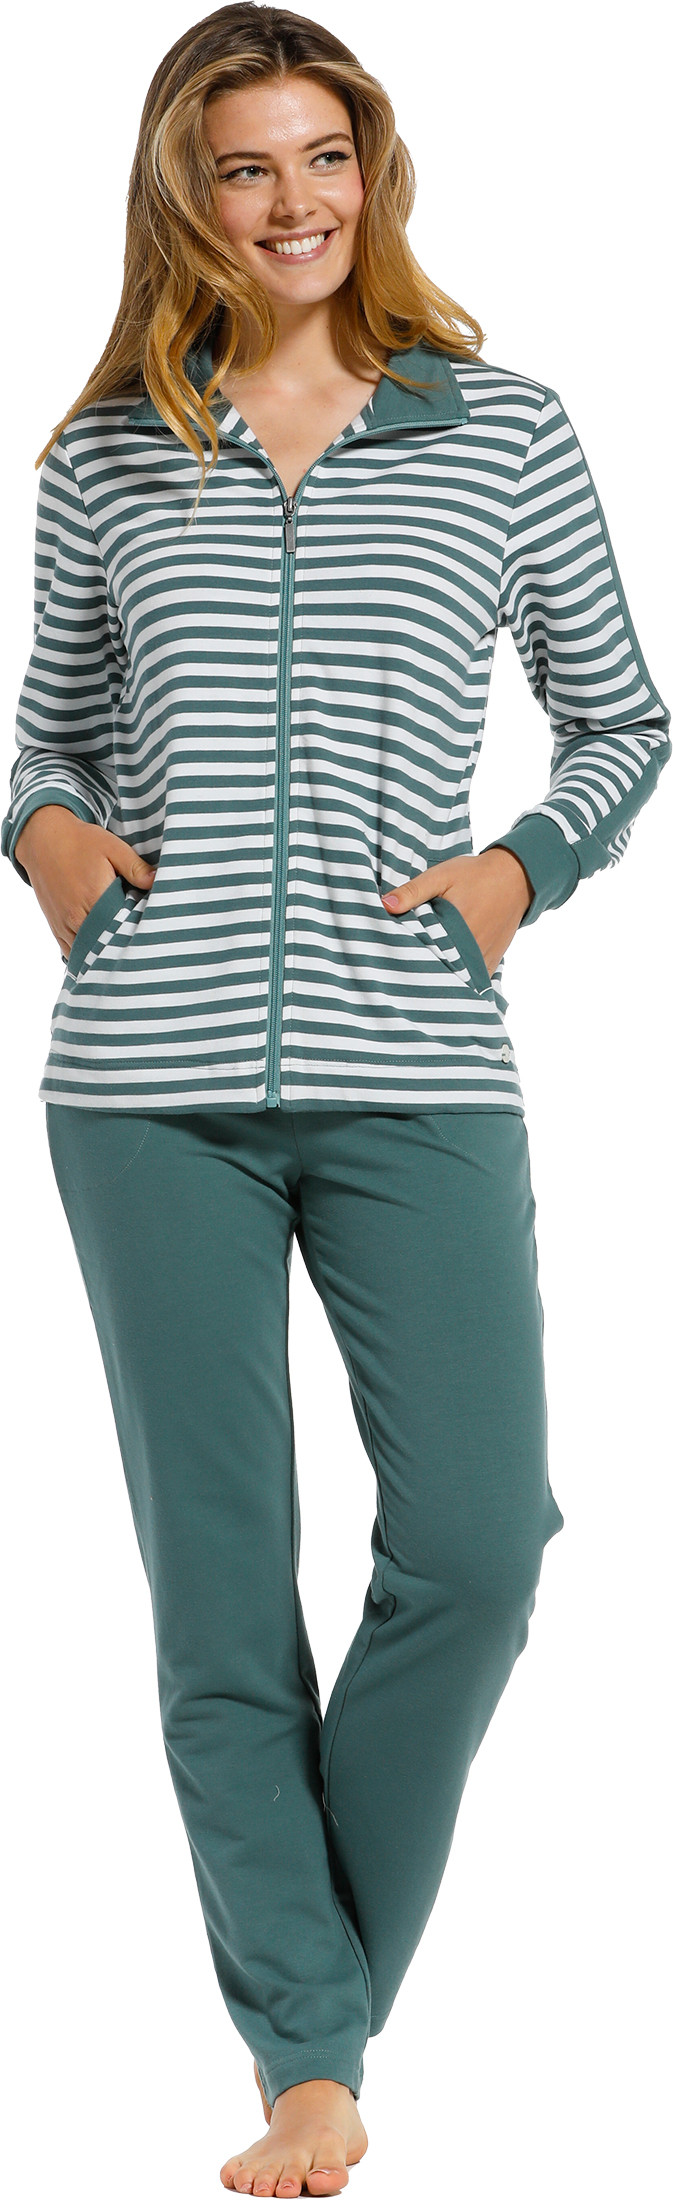 Dames huispak Pastunette 80211-138-8 groen-50